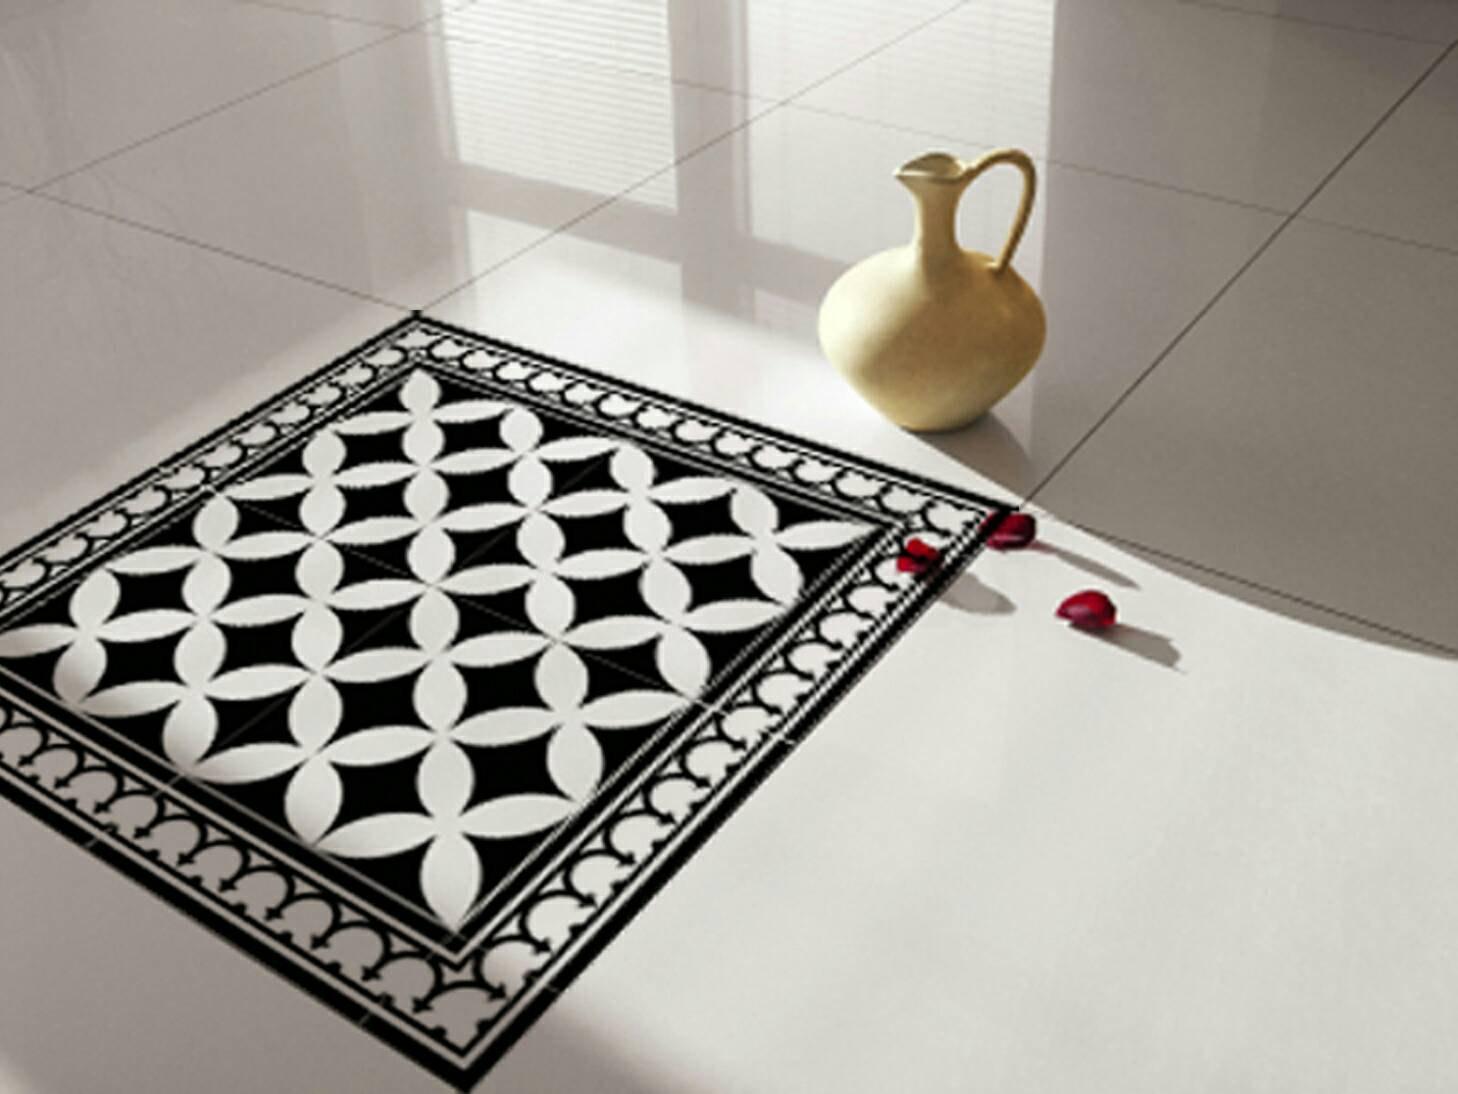 Traditional Tiles - Floor Tiles - Floor Vinyl - Tile Stickers - Tile Decals  - bathroom tile decal - kitchen tile decal - 132